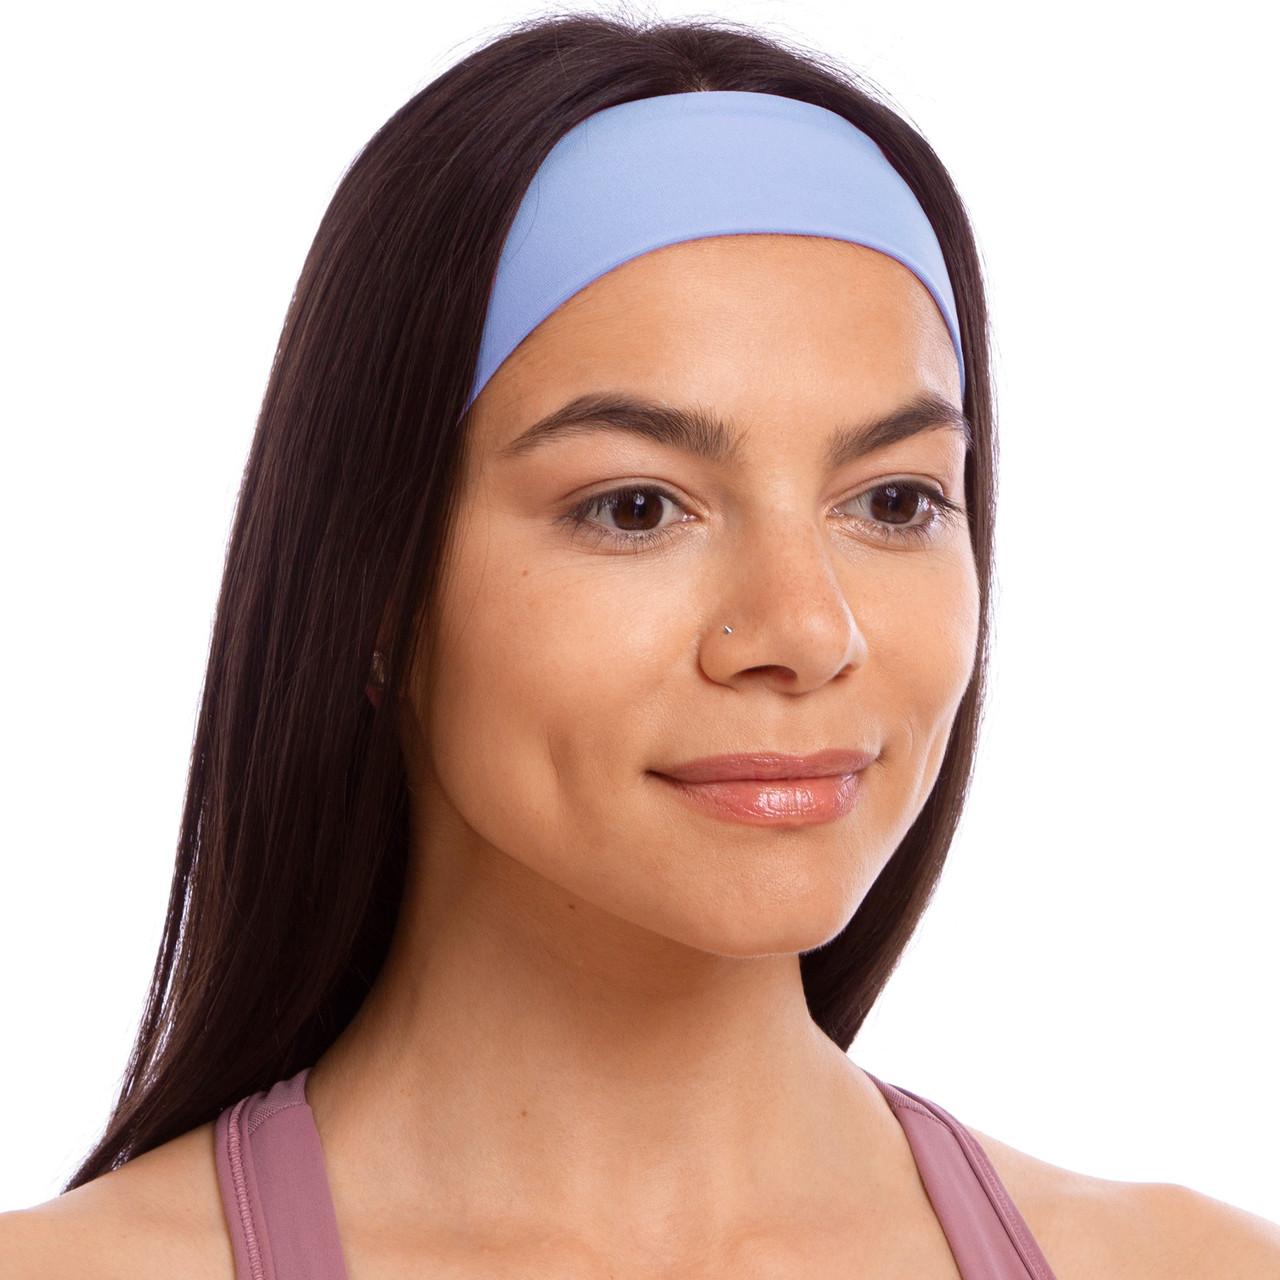 Повязка на голову для занятий спорта из хлопка Голубой